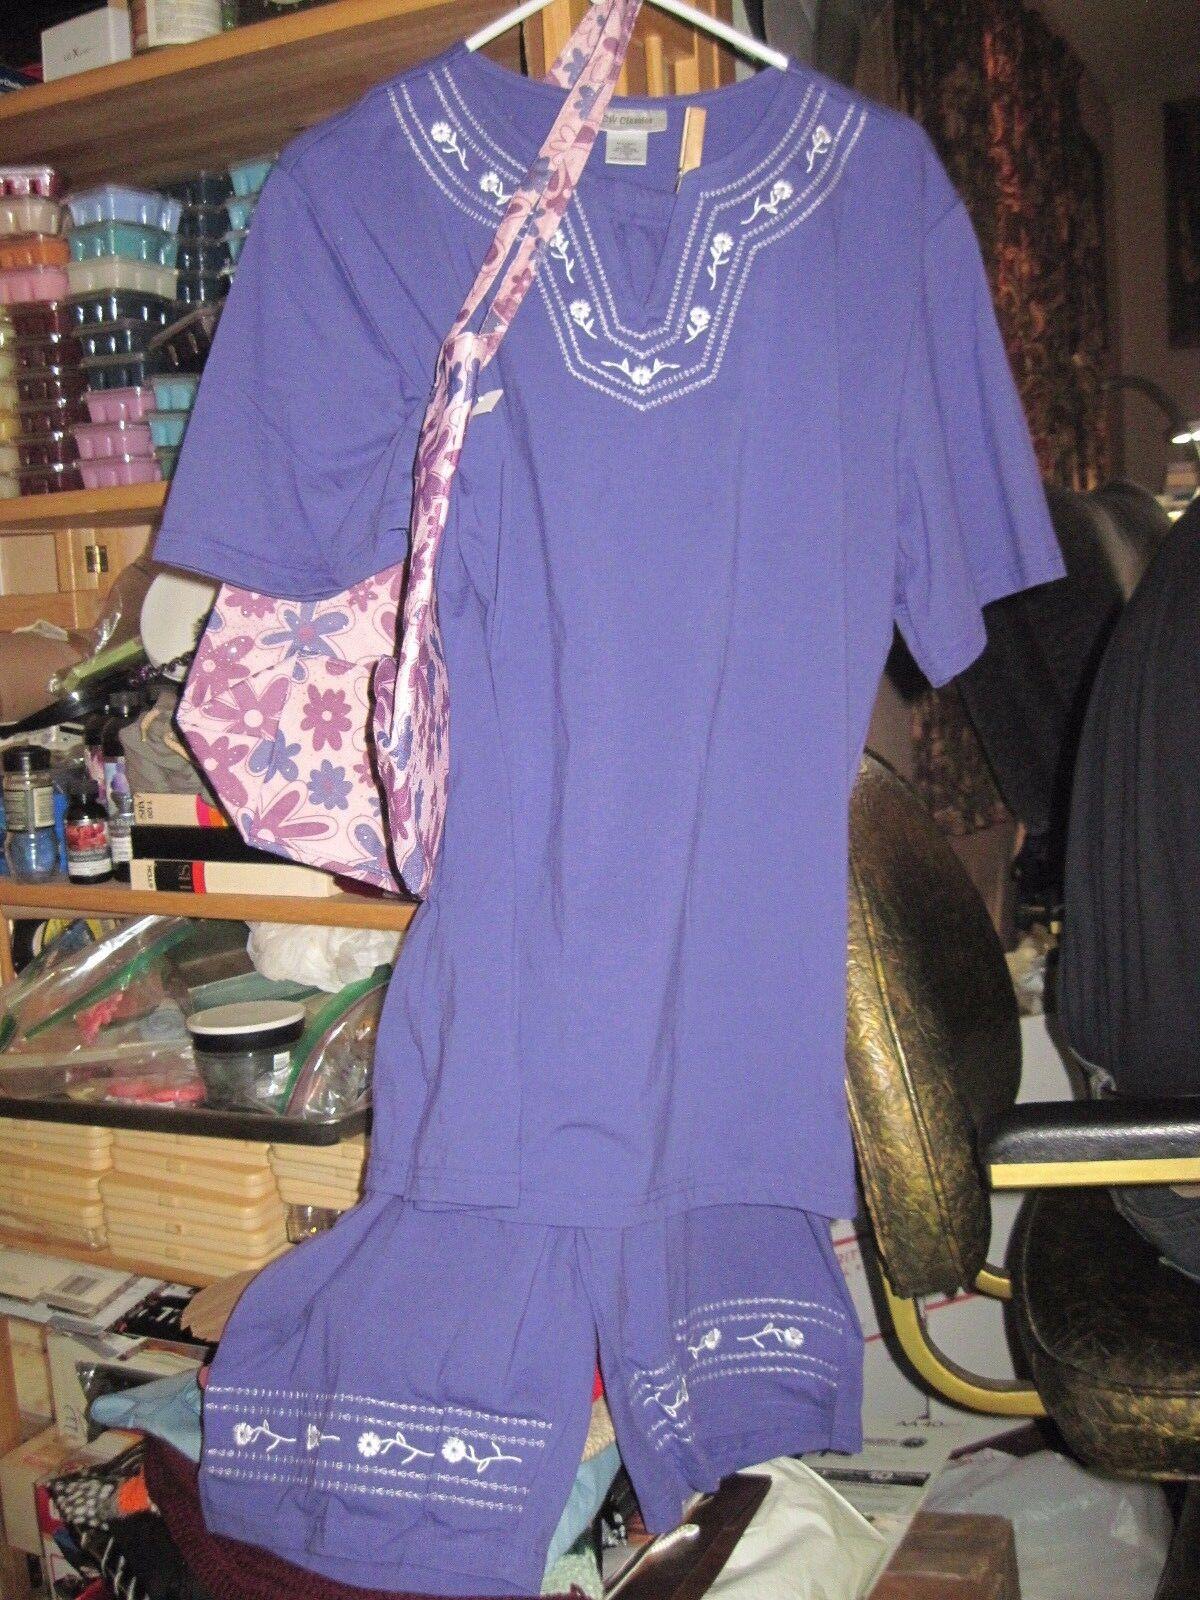 VTG Woman's CW CLASSICS 3pc Purple 'Sailor Beach' Outfit sz 1X w  PURSE..JMFCL10